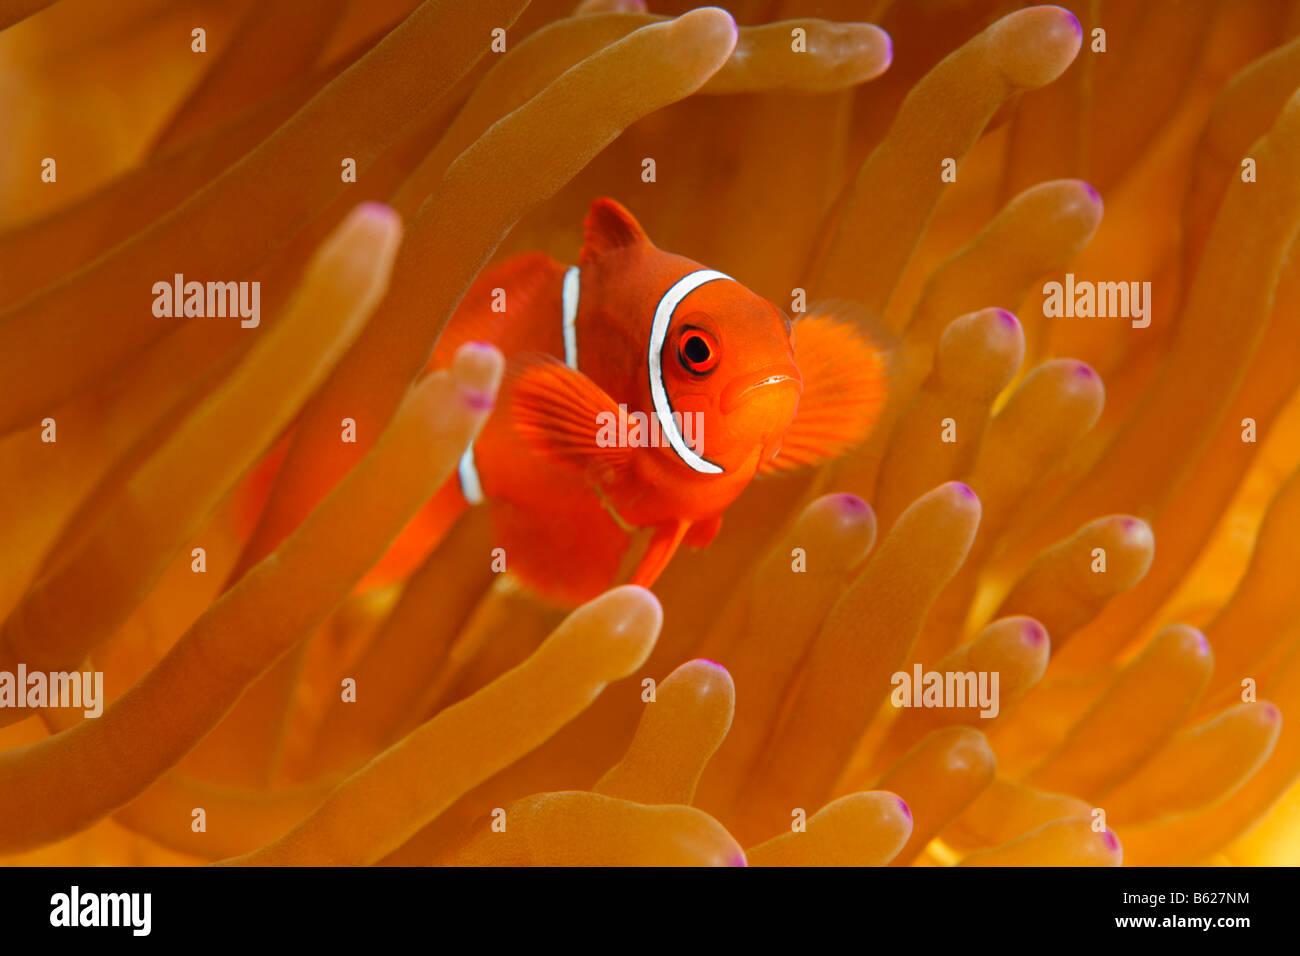 Young Maroon Clownfische (Premnas Biaculeatus), herrliche Seeanemone oder Ritteri Anemone (Heteractis Magnifica), Stockbild